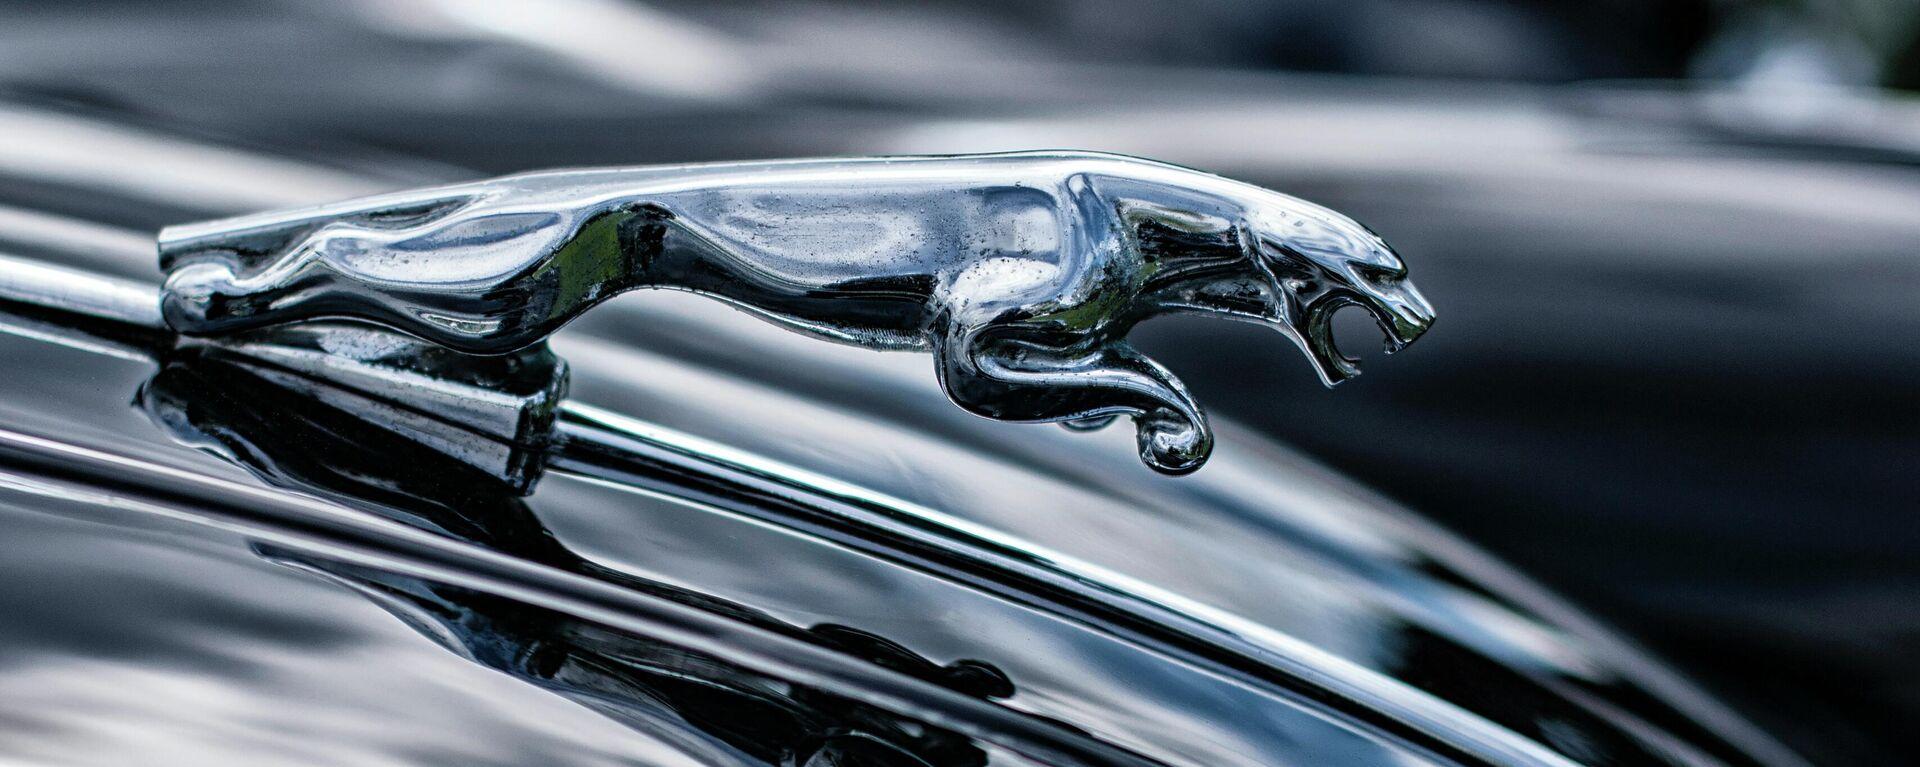 El símbolo de Jaguar en un coche de la marca - Sputnik Mundo, 1920, 20.05.2021